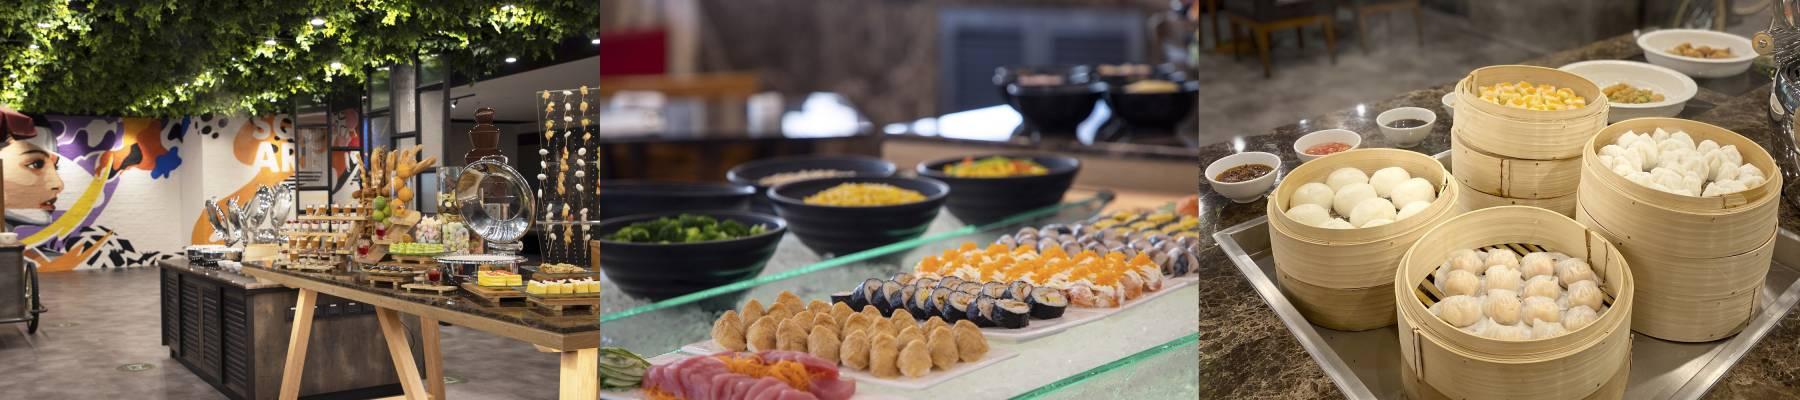 โปรโมชั่นบุฟเฟ่ต์มื้อกลางวันในกรุงเทพ